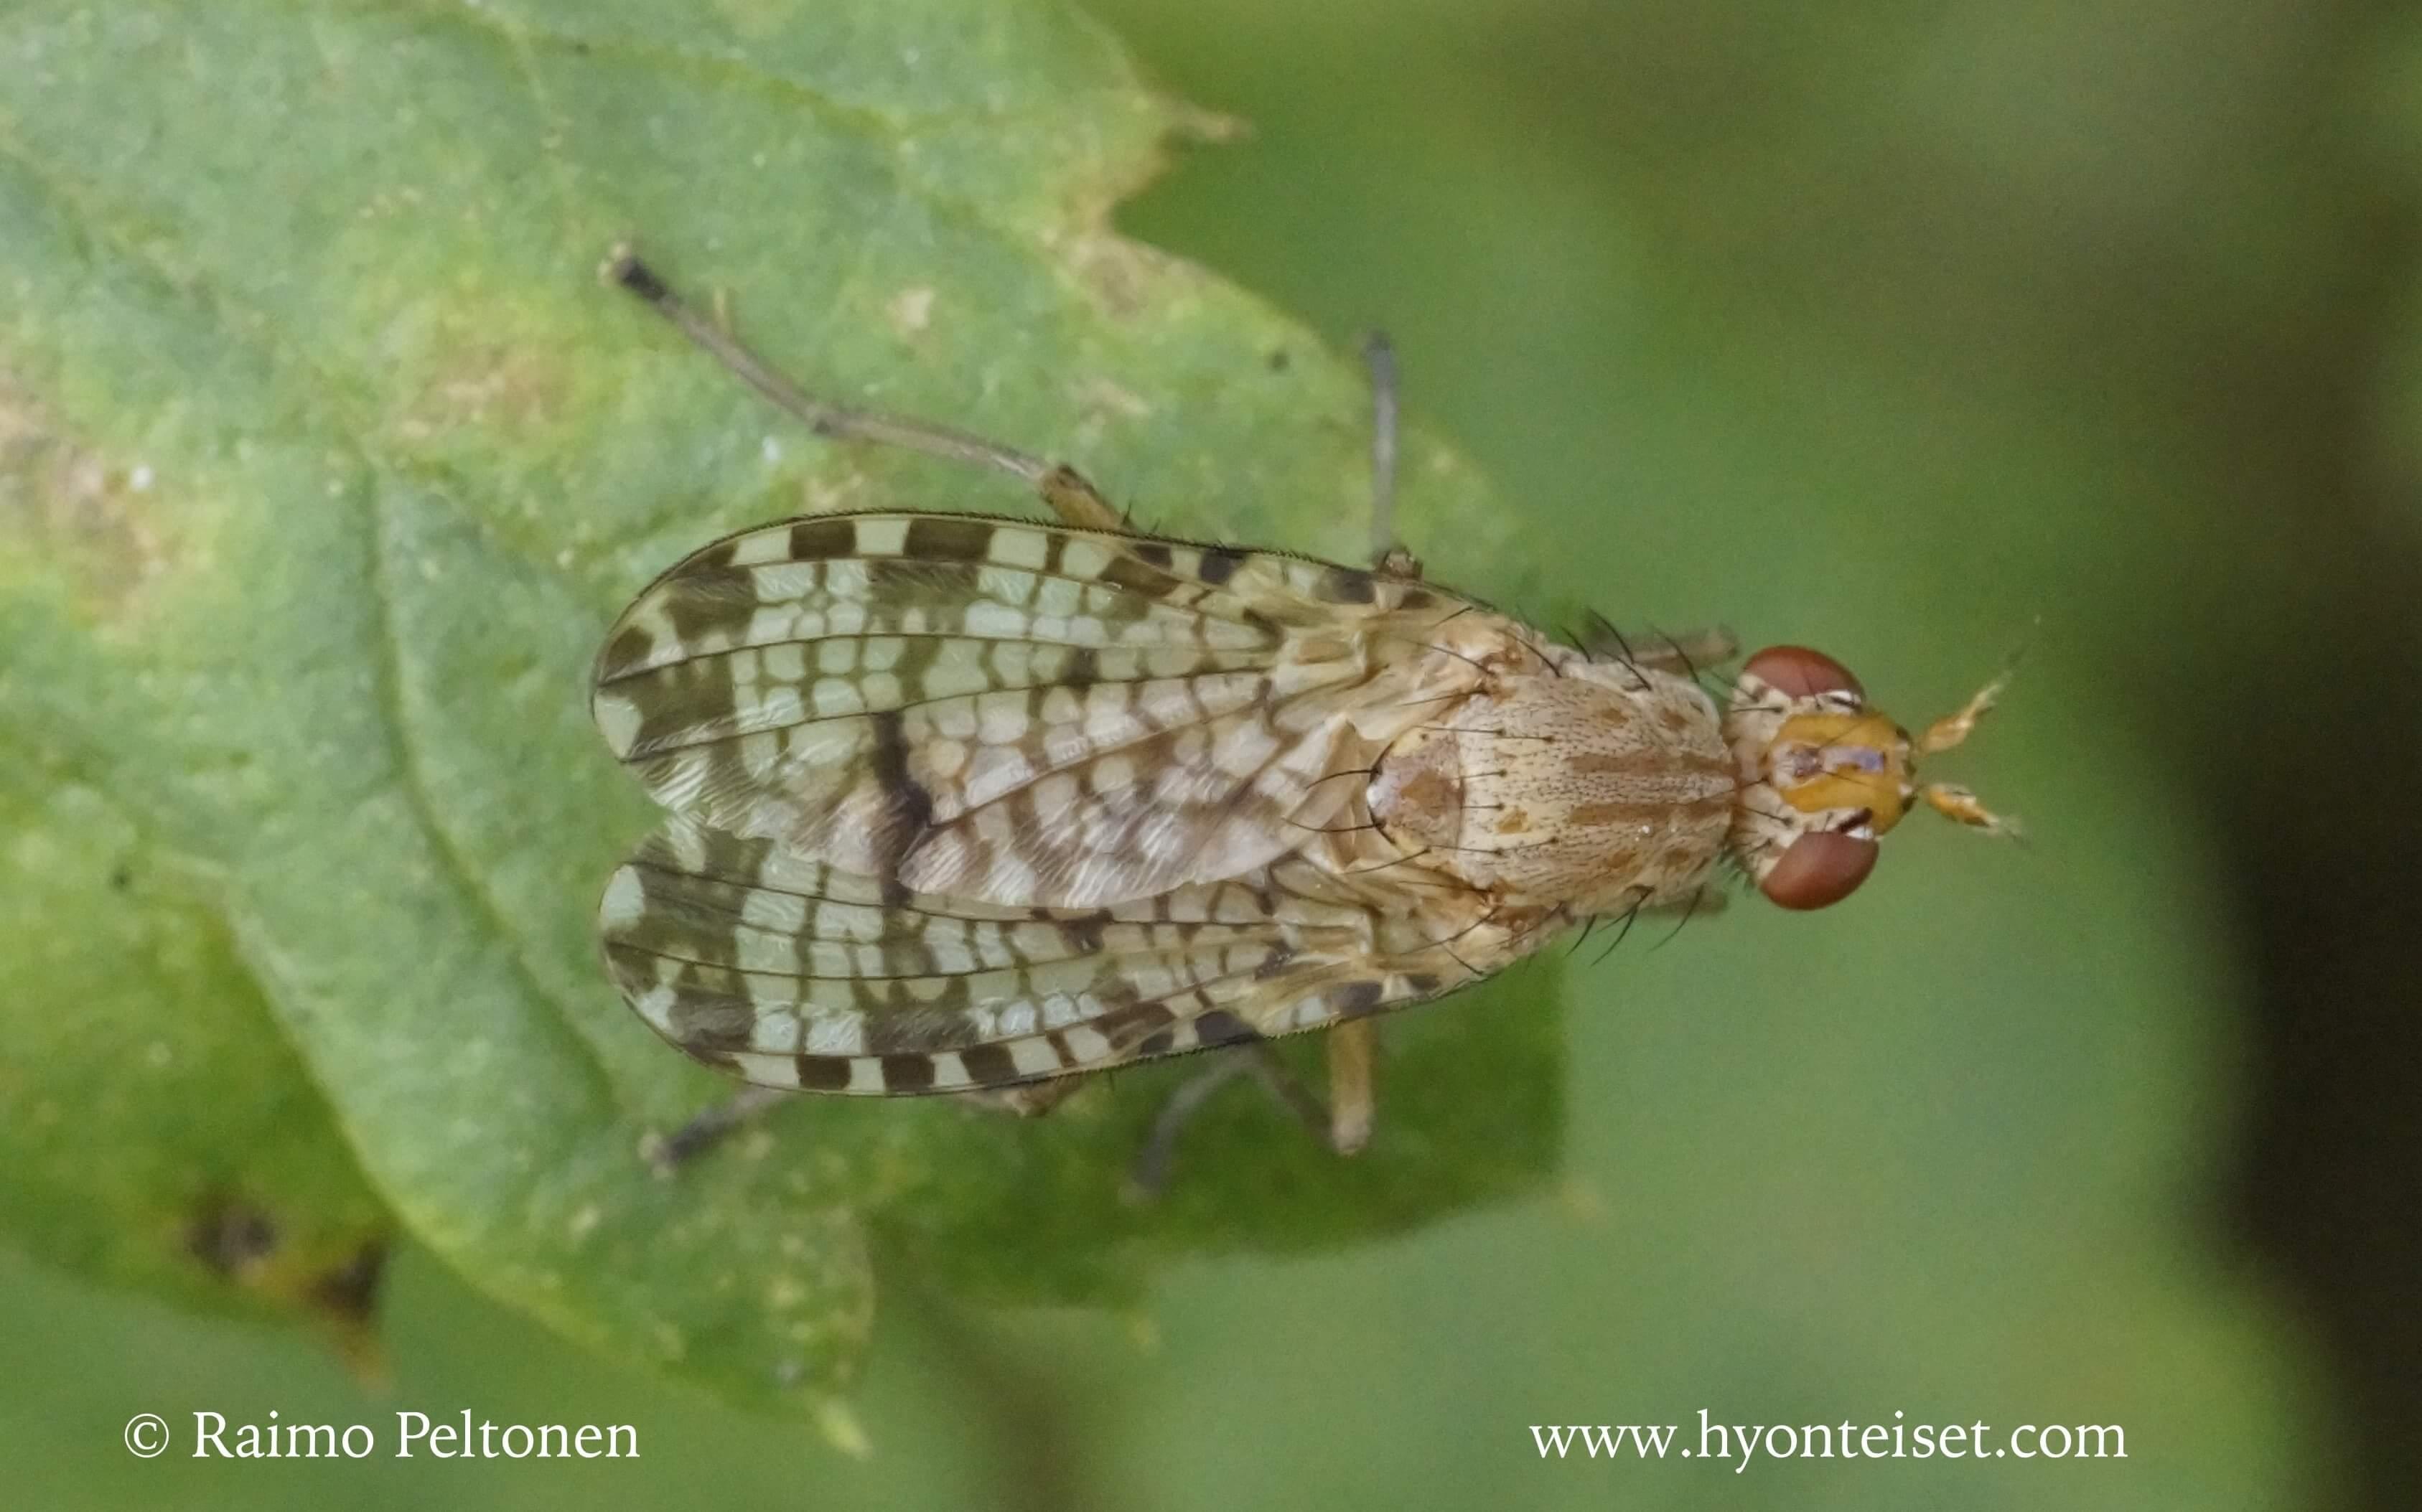 Euthycera chaerophylli (det. Jere Kahanpää)